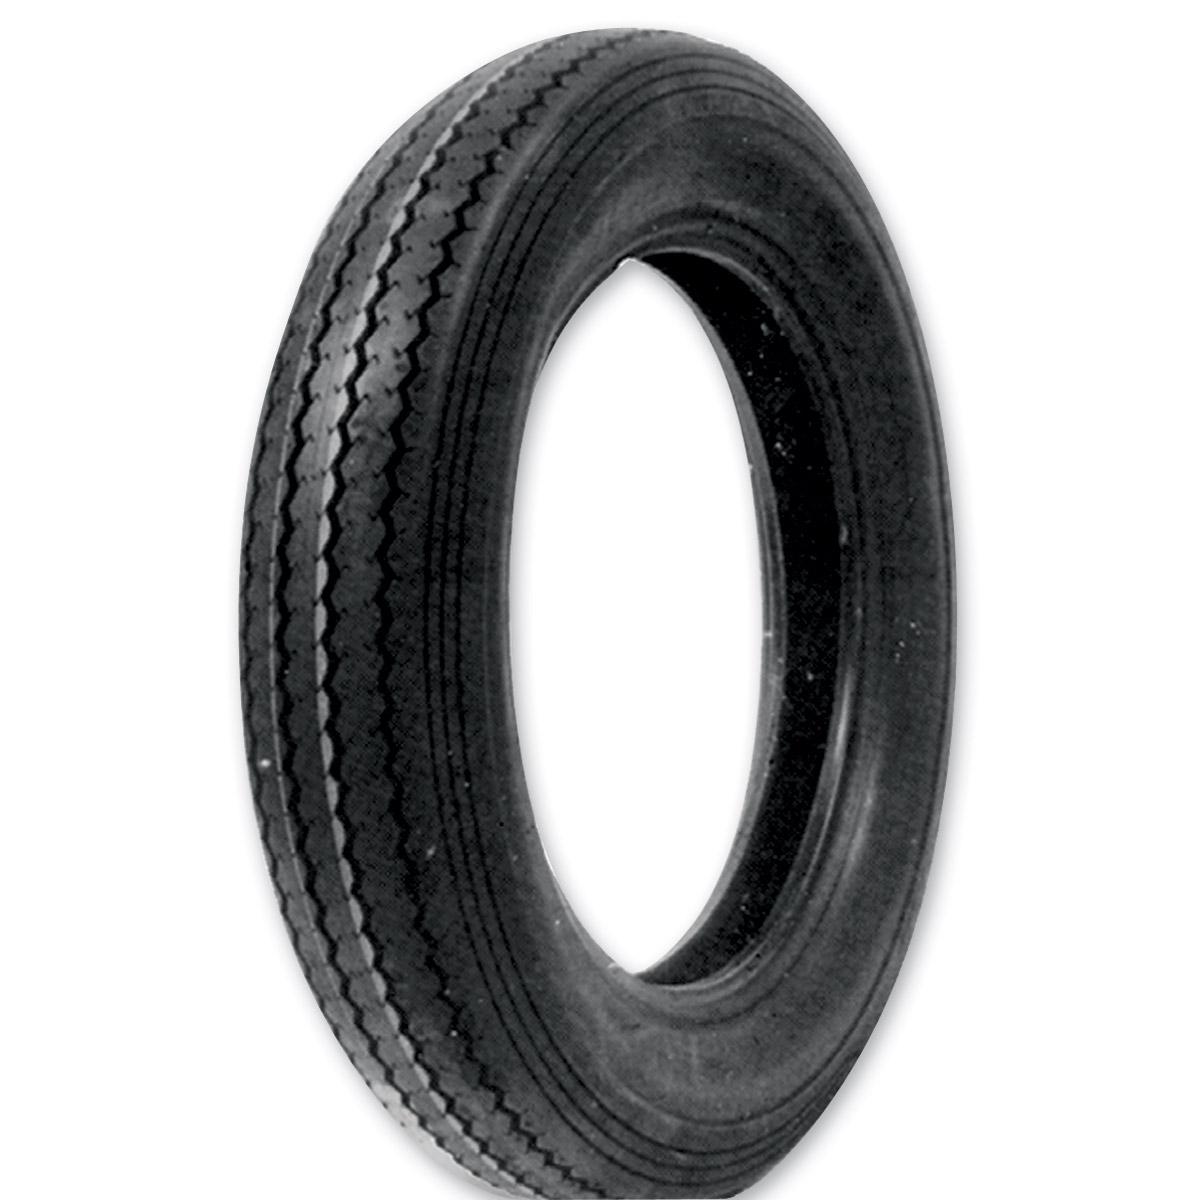 Shinko 240 Classic MT90-16 Front/Rear Tire